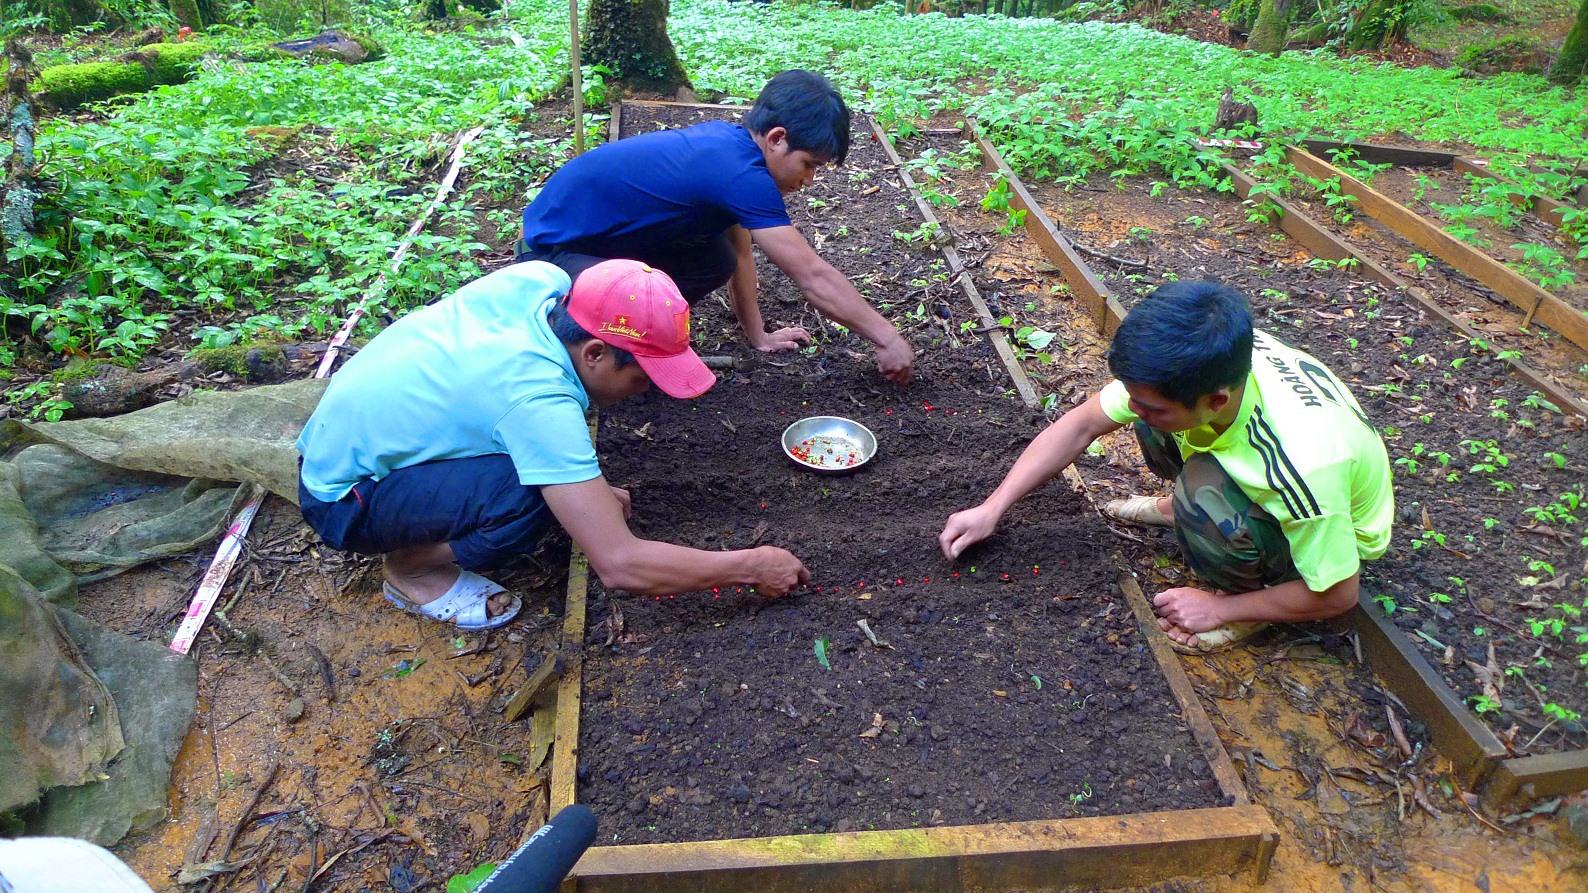 Vùng trồng sâm Ngọc Linh đang thiếu nguồn cây giống trầm trọng. Ảnh: H.P